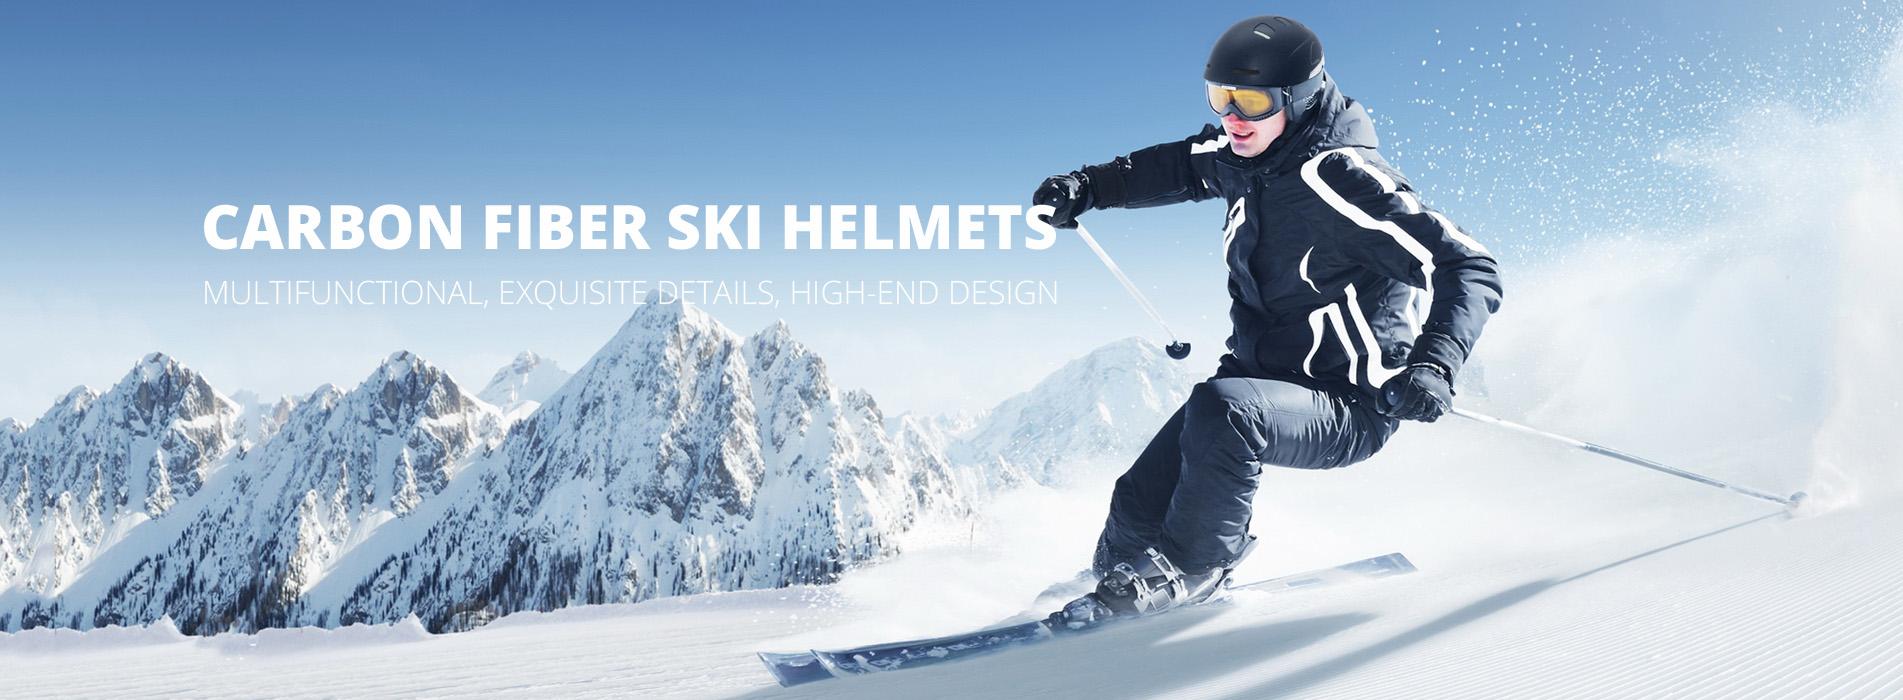 ski helmet s09 banner